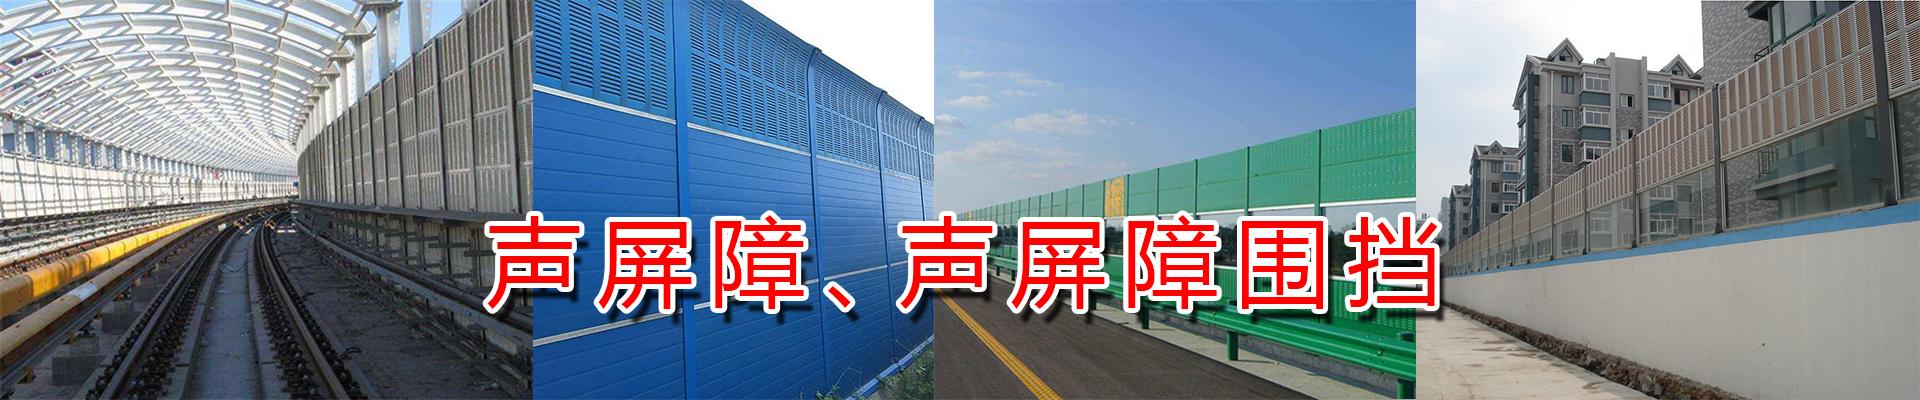 安平县百瑞金属制品有限公司